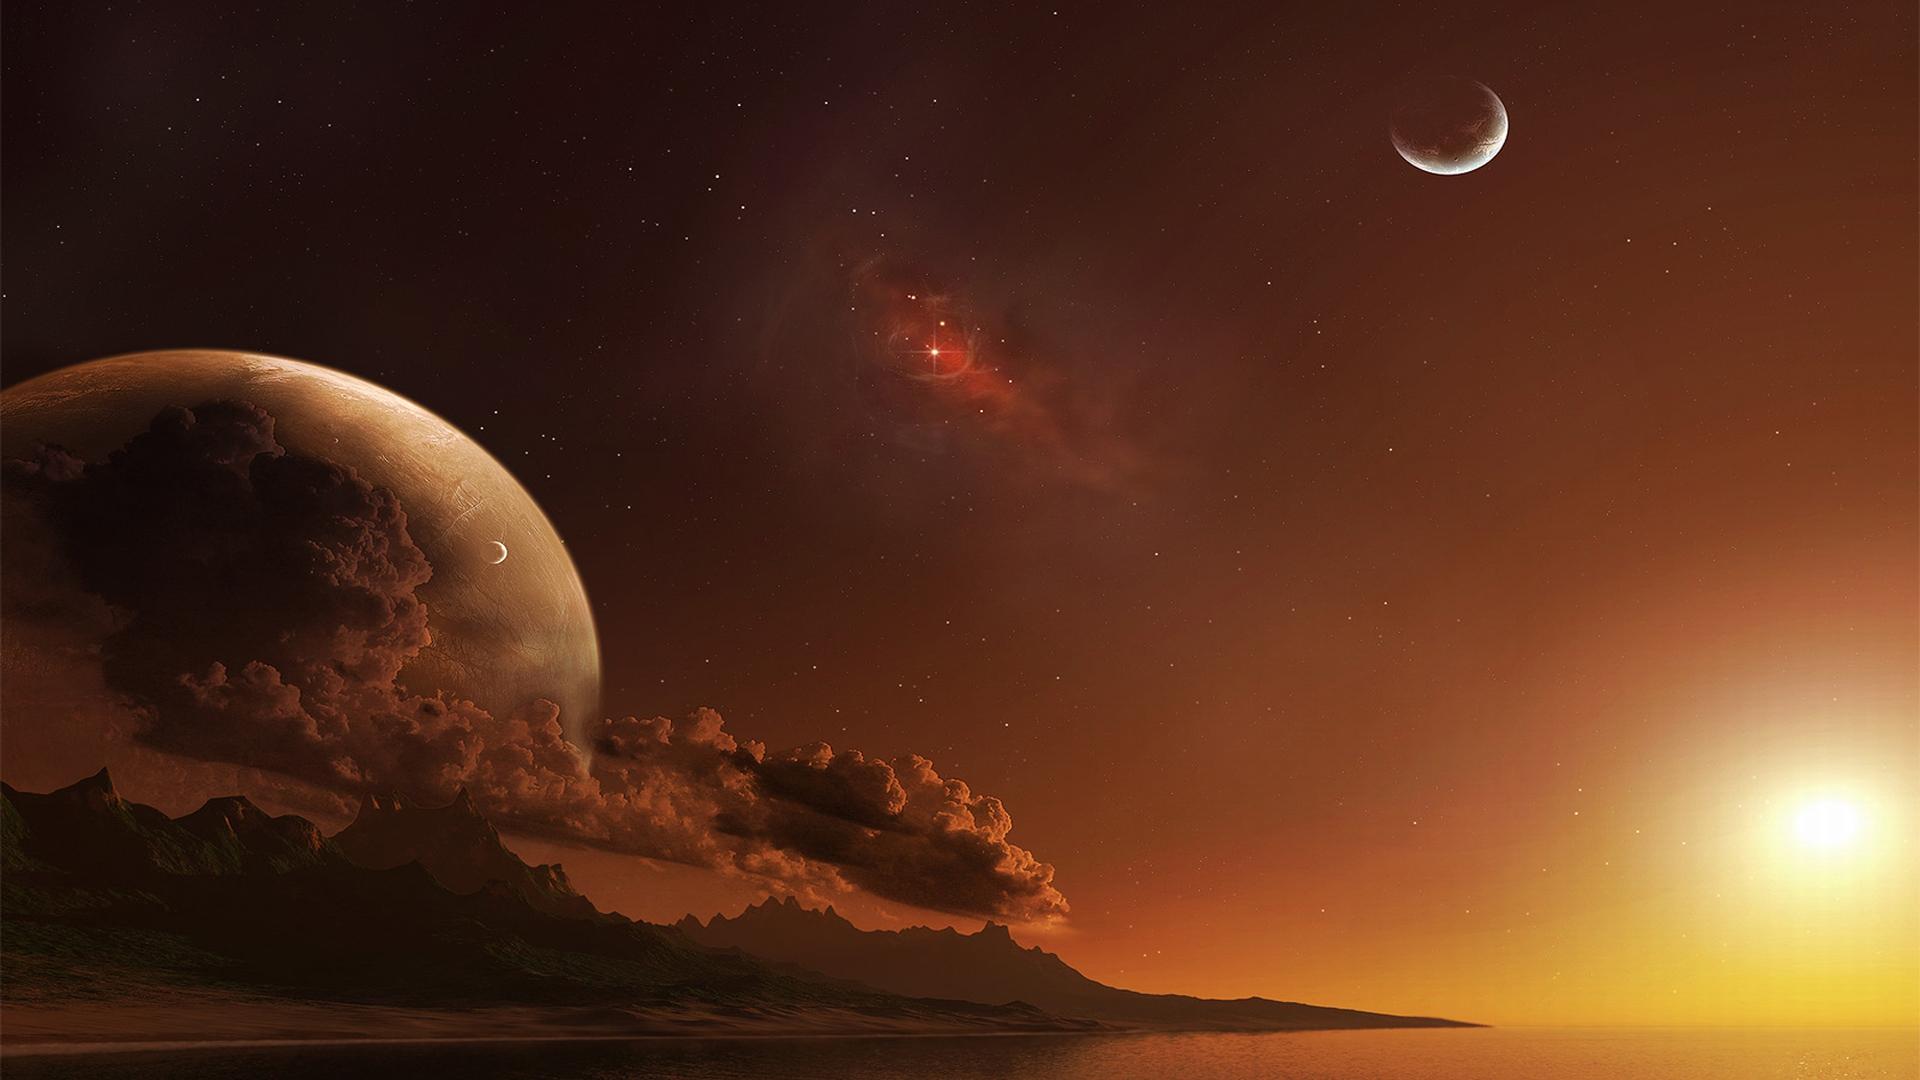 Free Beautiful Desktop Wallpapers For The Fall Alien Planet Wallpapers Download Free Pixelstalk Net